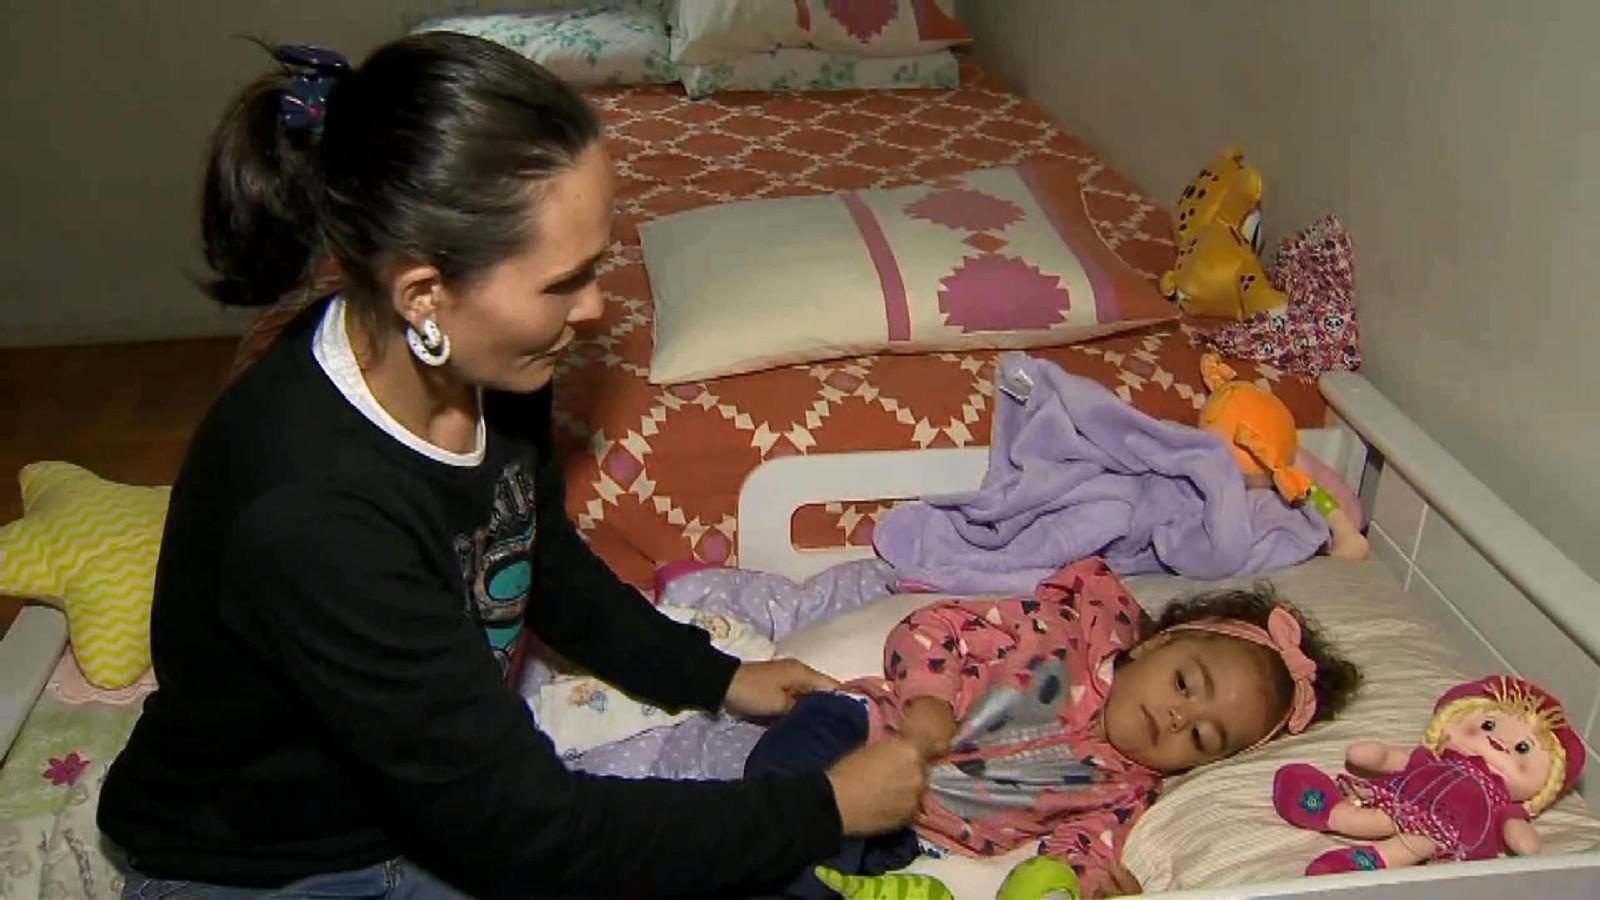 integra.mov snapshot 13.42 2019.01.09 20.25.39  Família de Juiz de Fora revela luta para ter acesso a medicamento à base de canabidiol